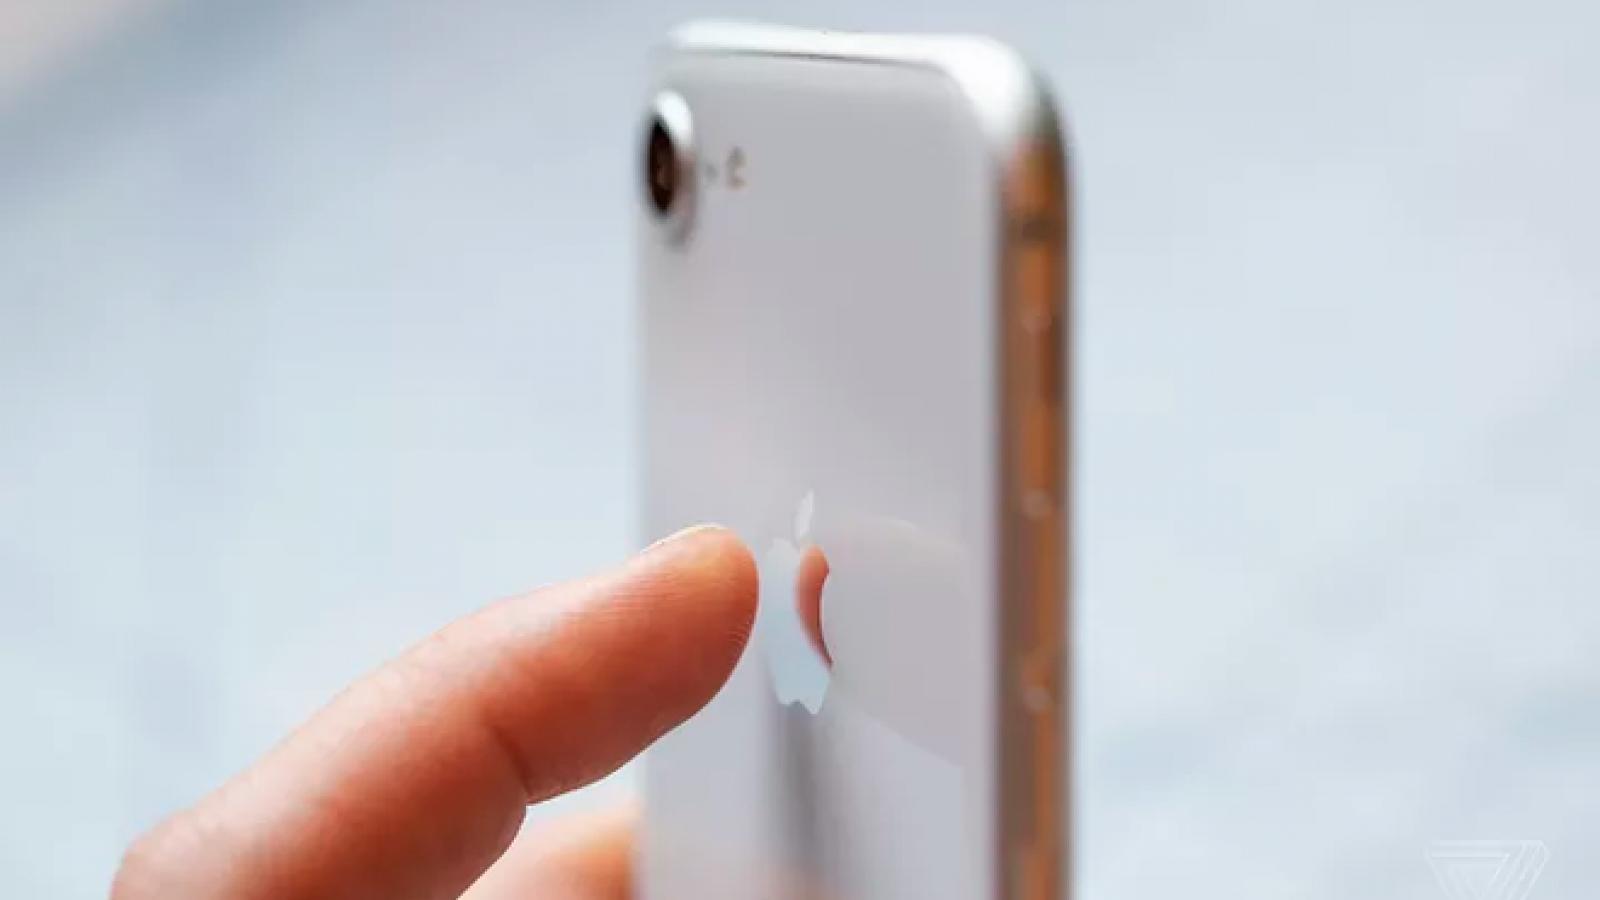 iPhone có thêm 'nút bấm' khi lên iOS 14